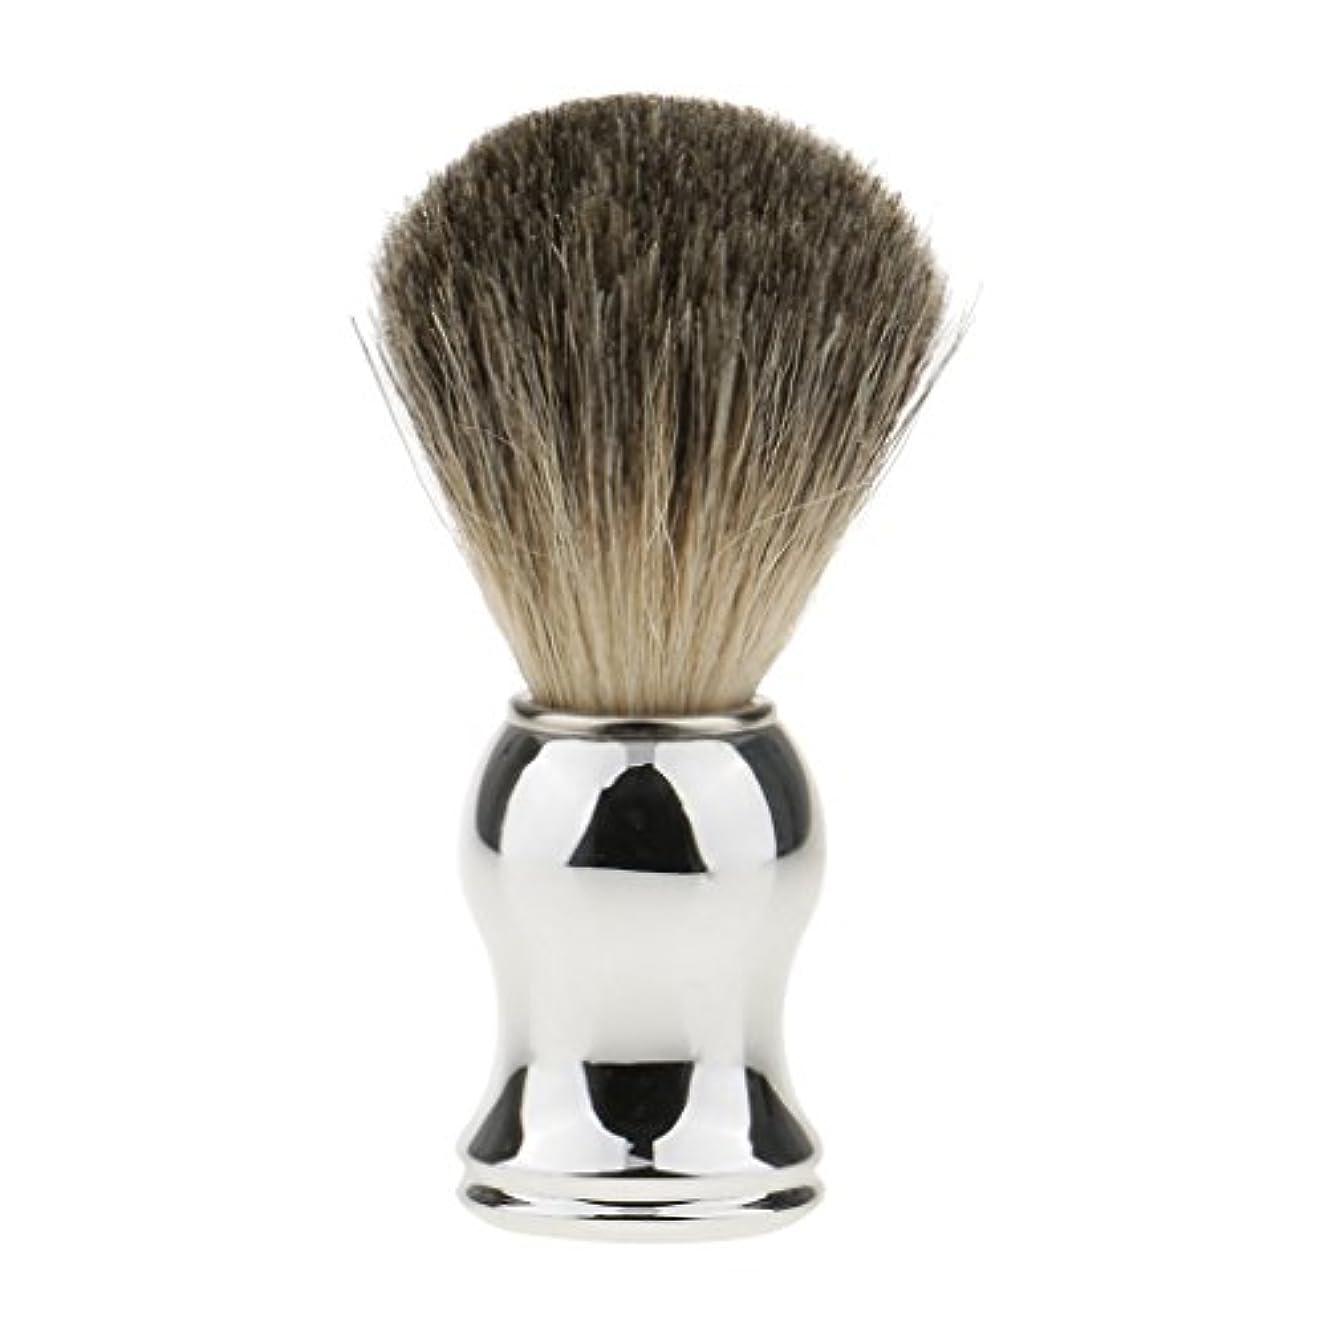 広まった鼓舞するボタンHellery ひげブラシ シェービング ブラシ メンズ 理容 洗顔 髭剃り 泡立ち 11.2cm 全2色 - シルバーハンドル